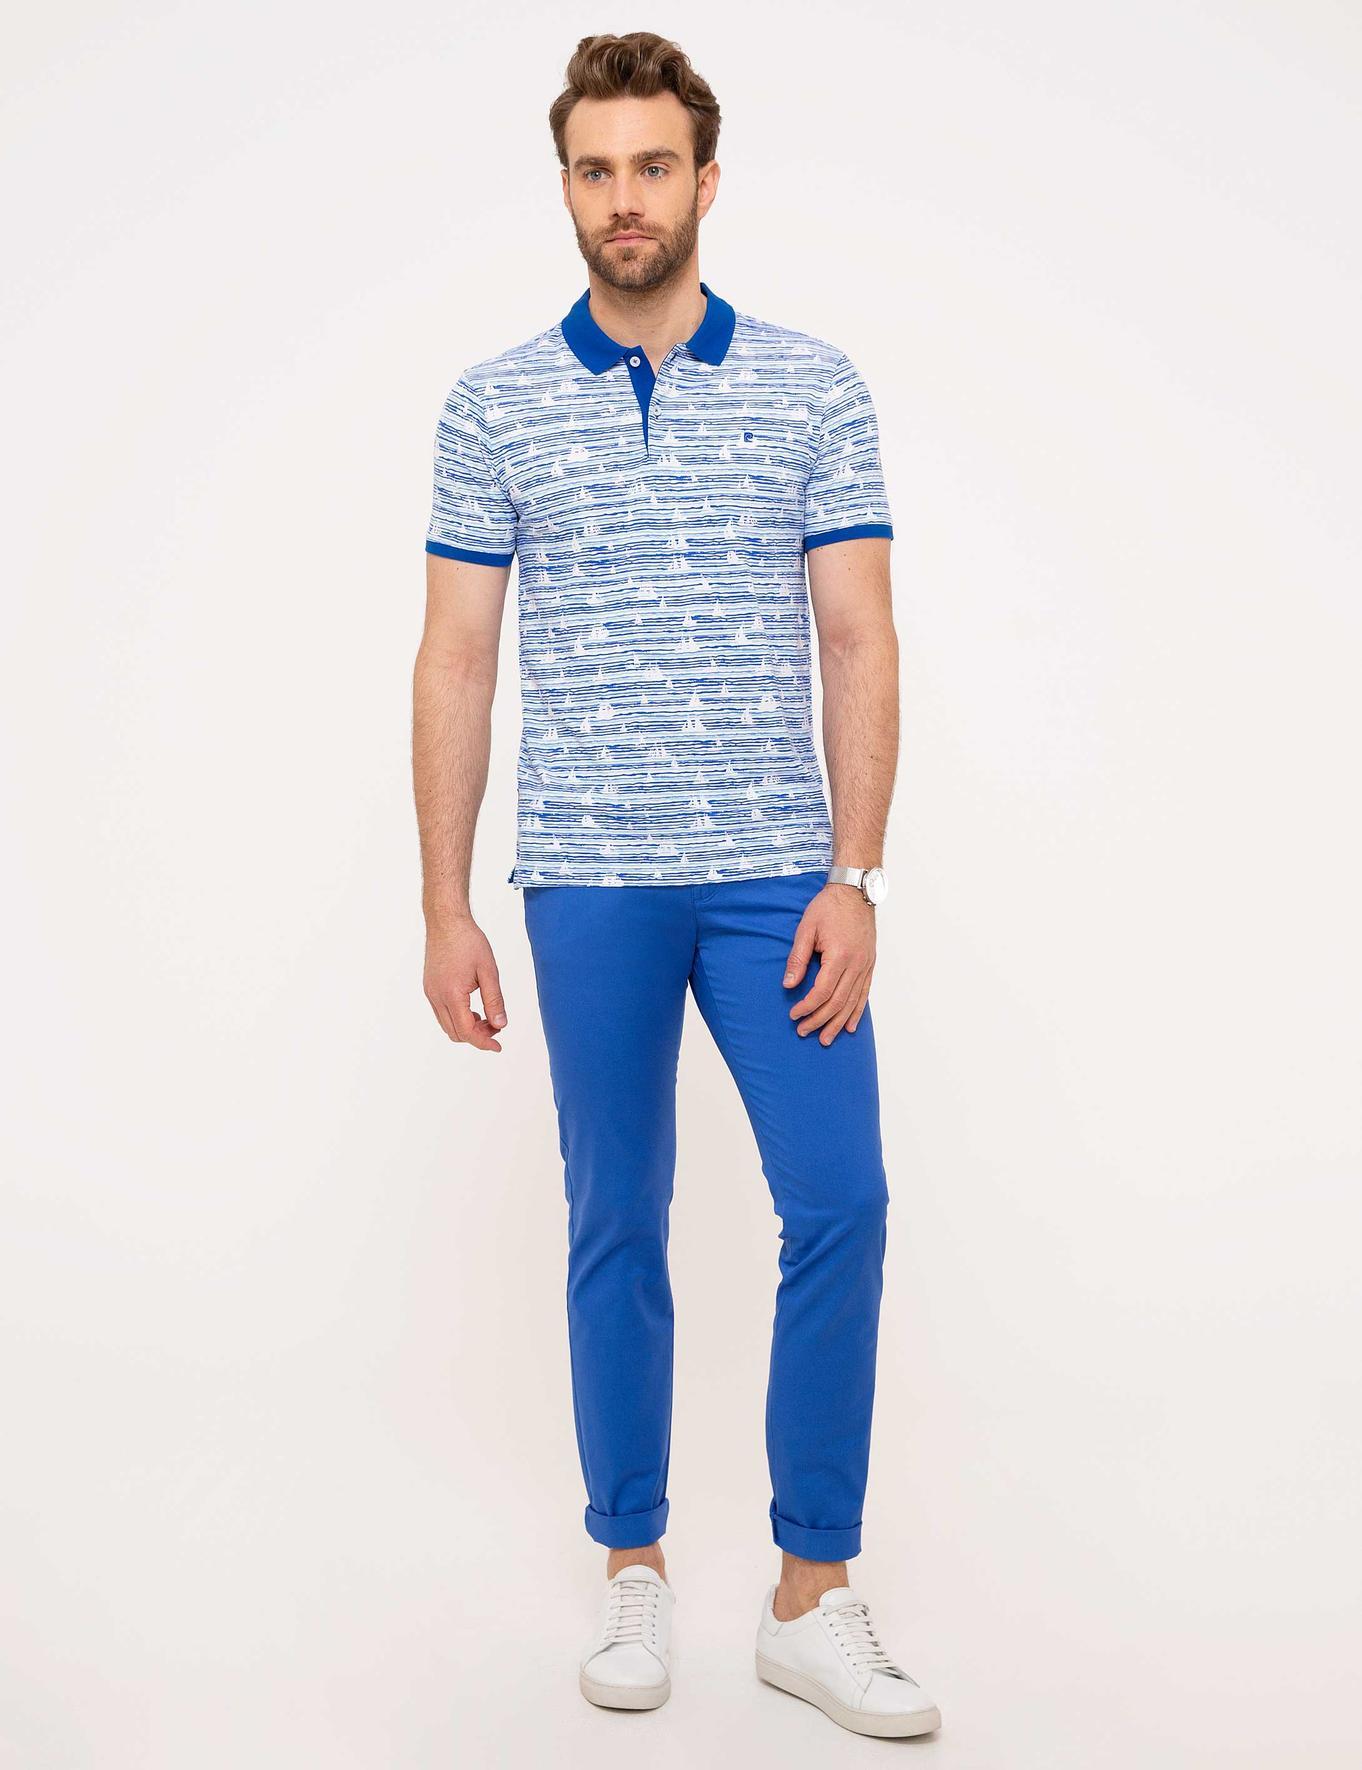 Saks Mavi Slim Fit Polo Yaka T-Shirt